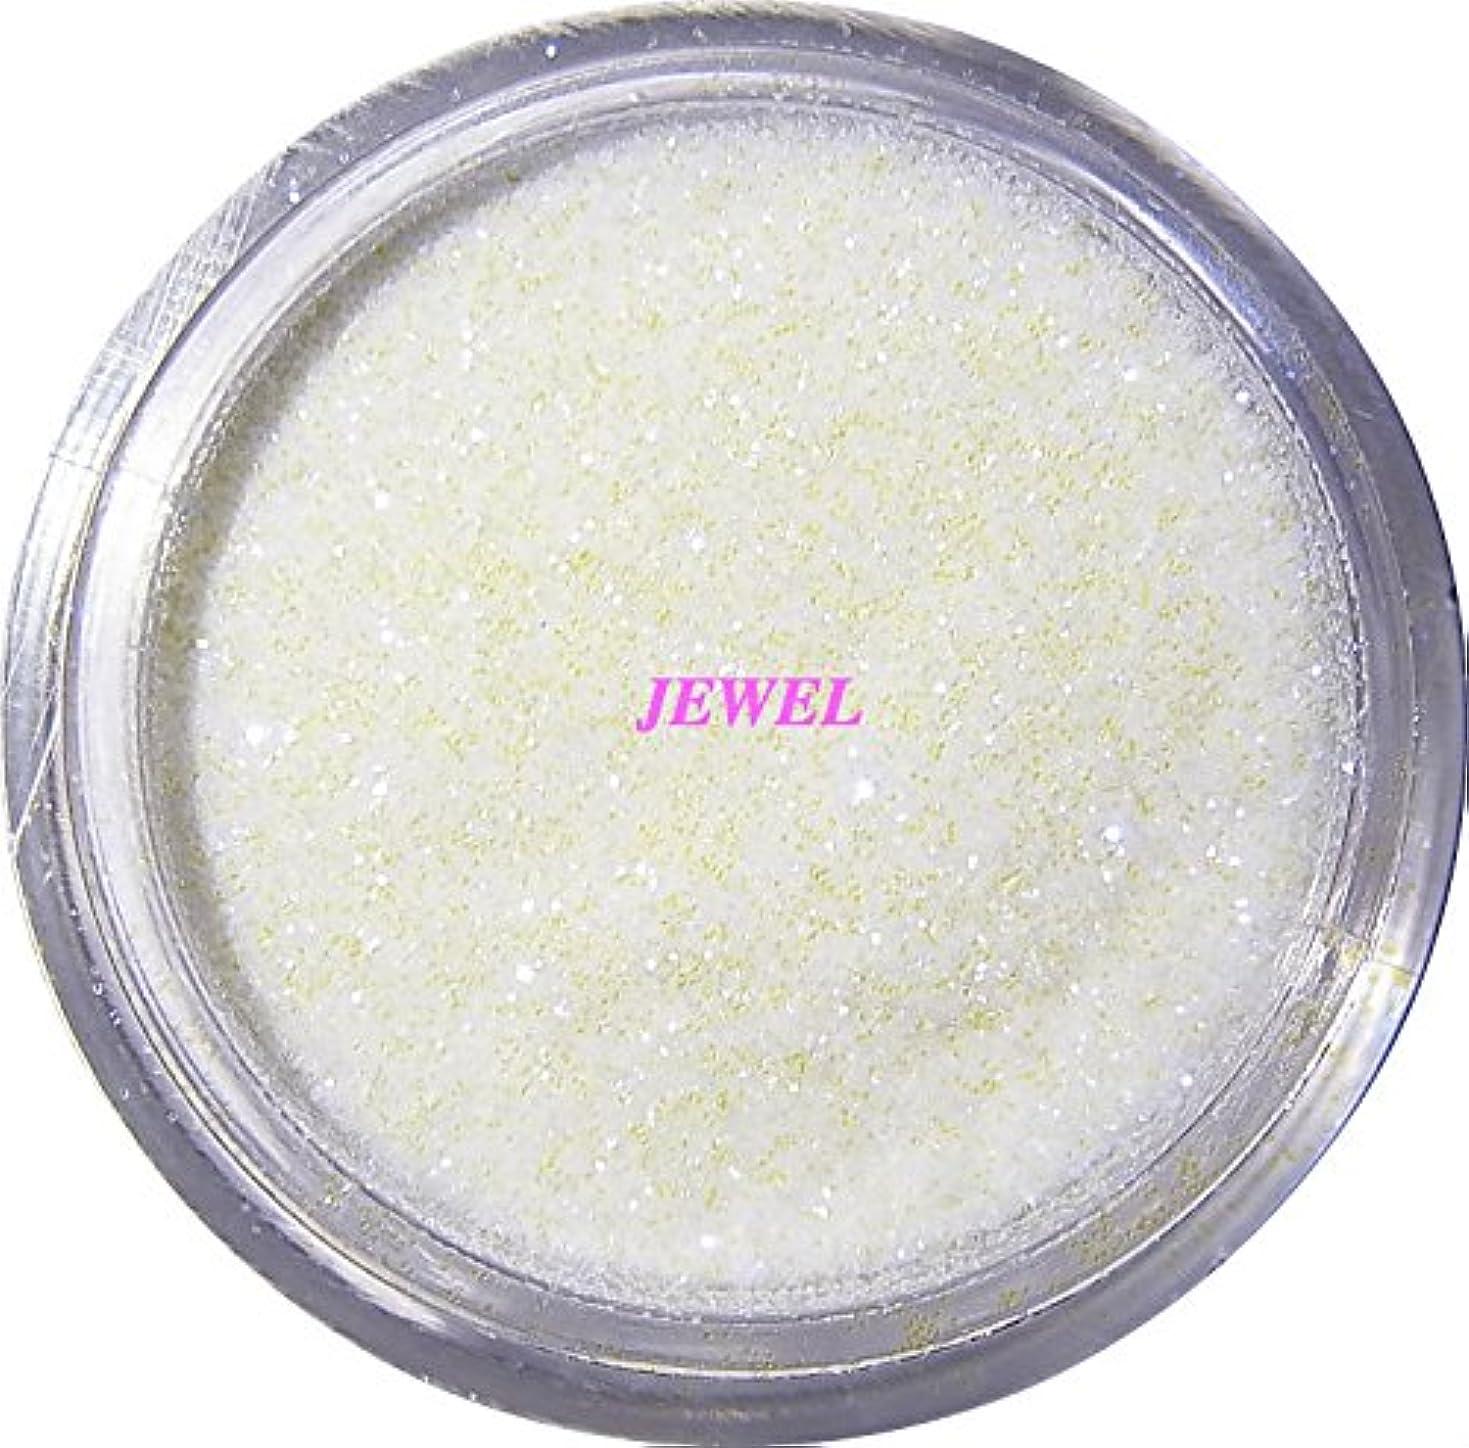 哀ピクニックブリード【jewel】 超微粒子ラメパウダー(白/パールホワイト) 256/1サイズ 2g入り グリッター レジン&ネイル用